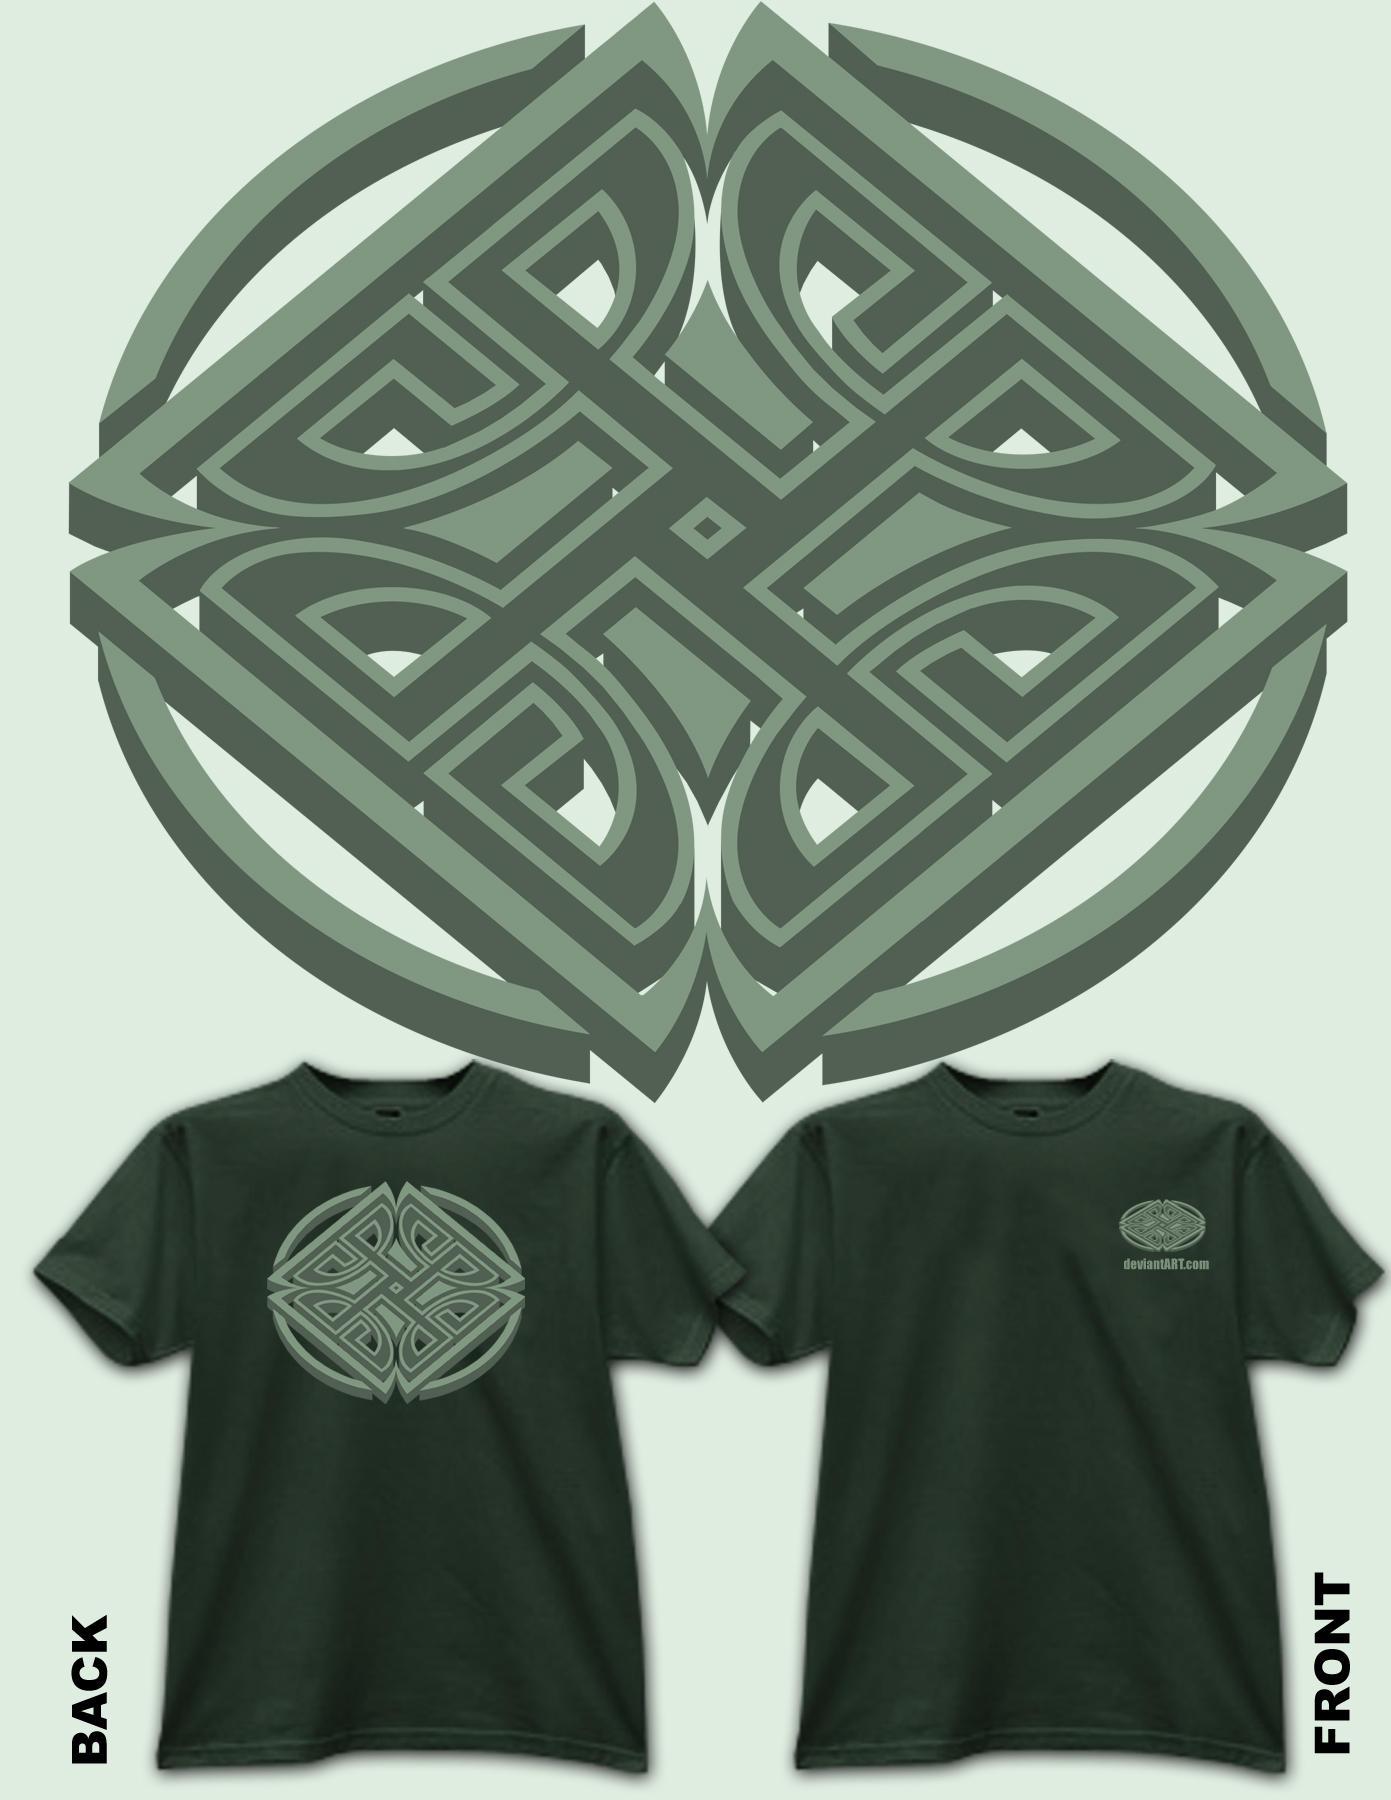 da shirt design 3d by reyjdesigns